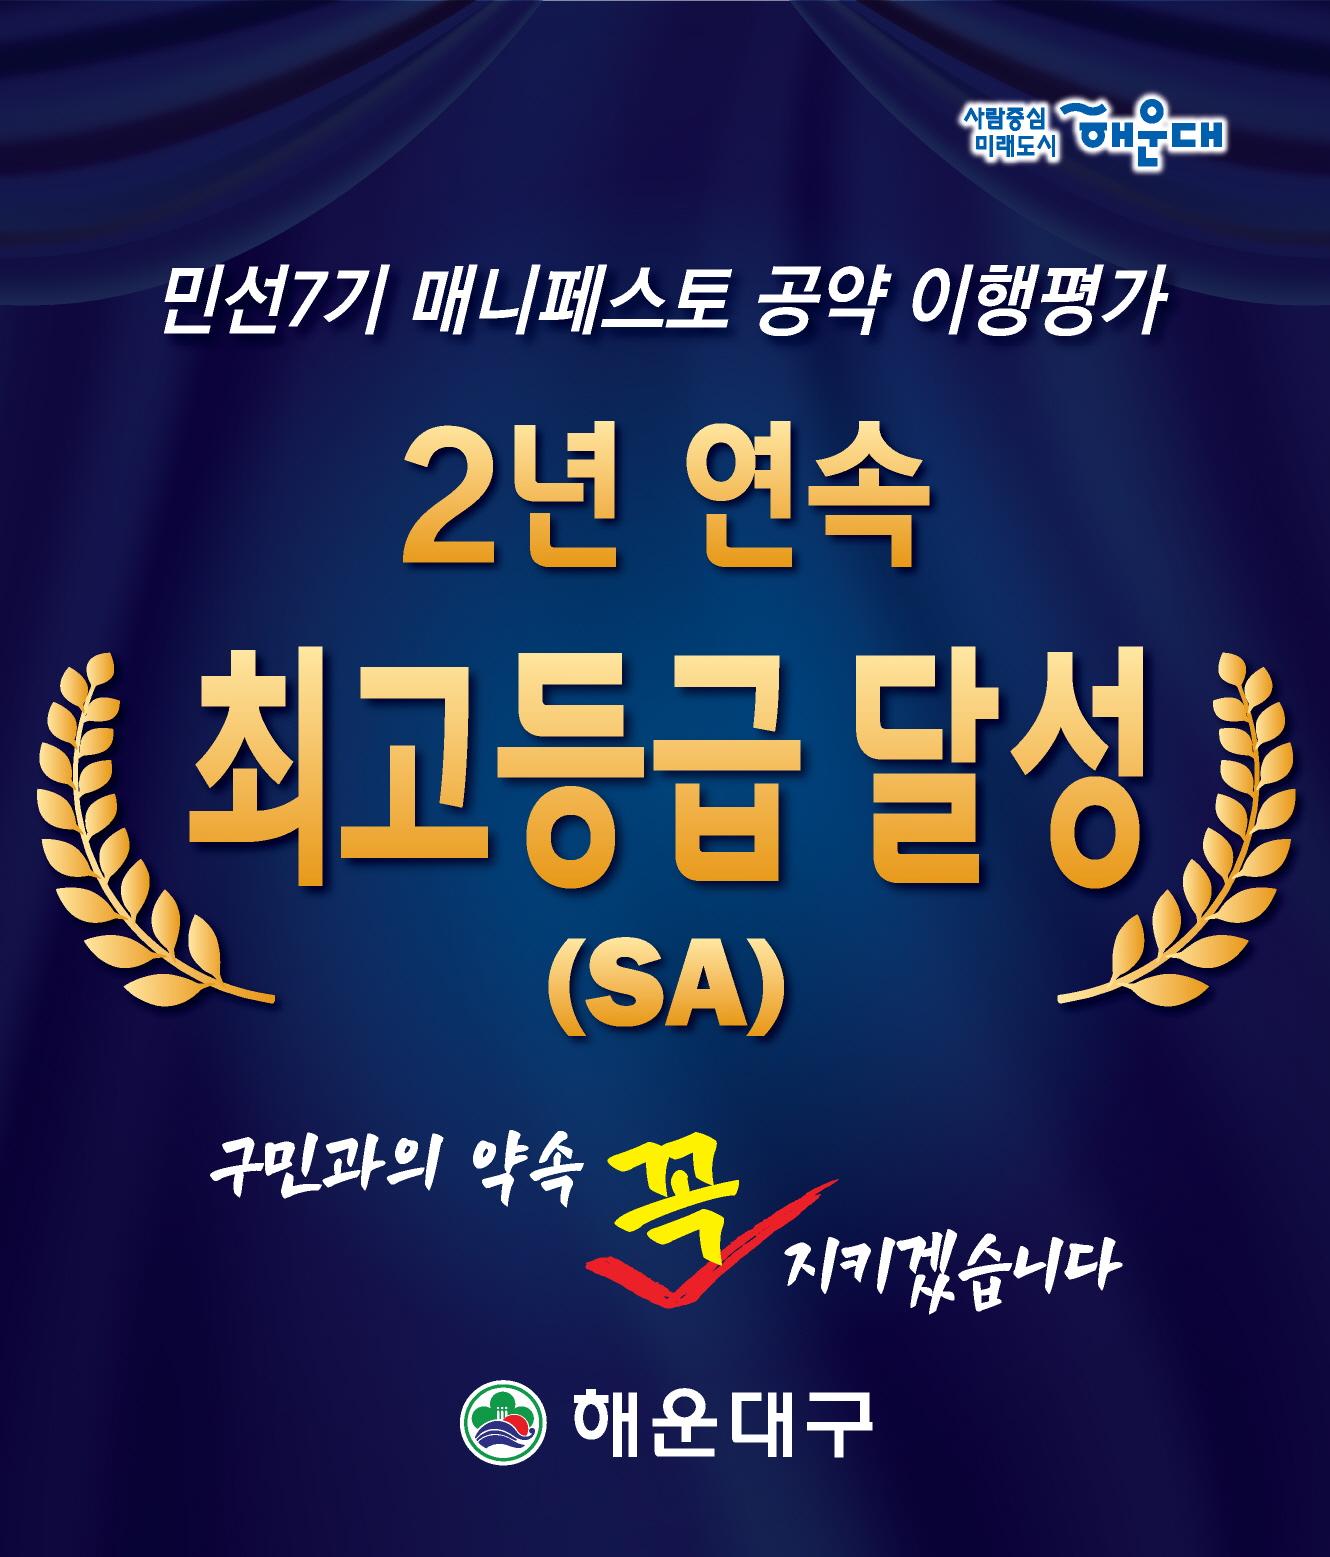 민선7기 매니페스토 공약 이행평가 최고등급